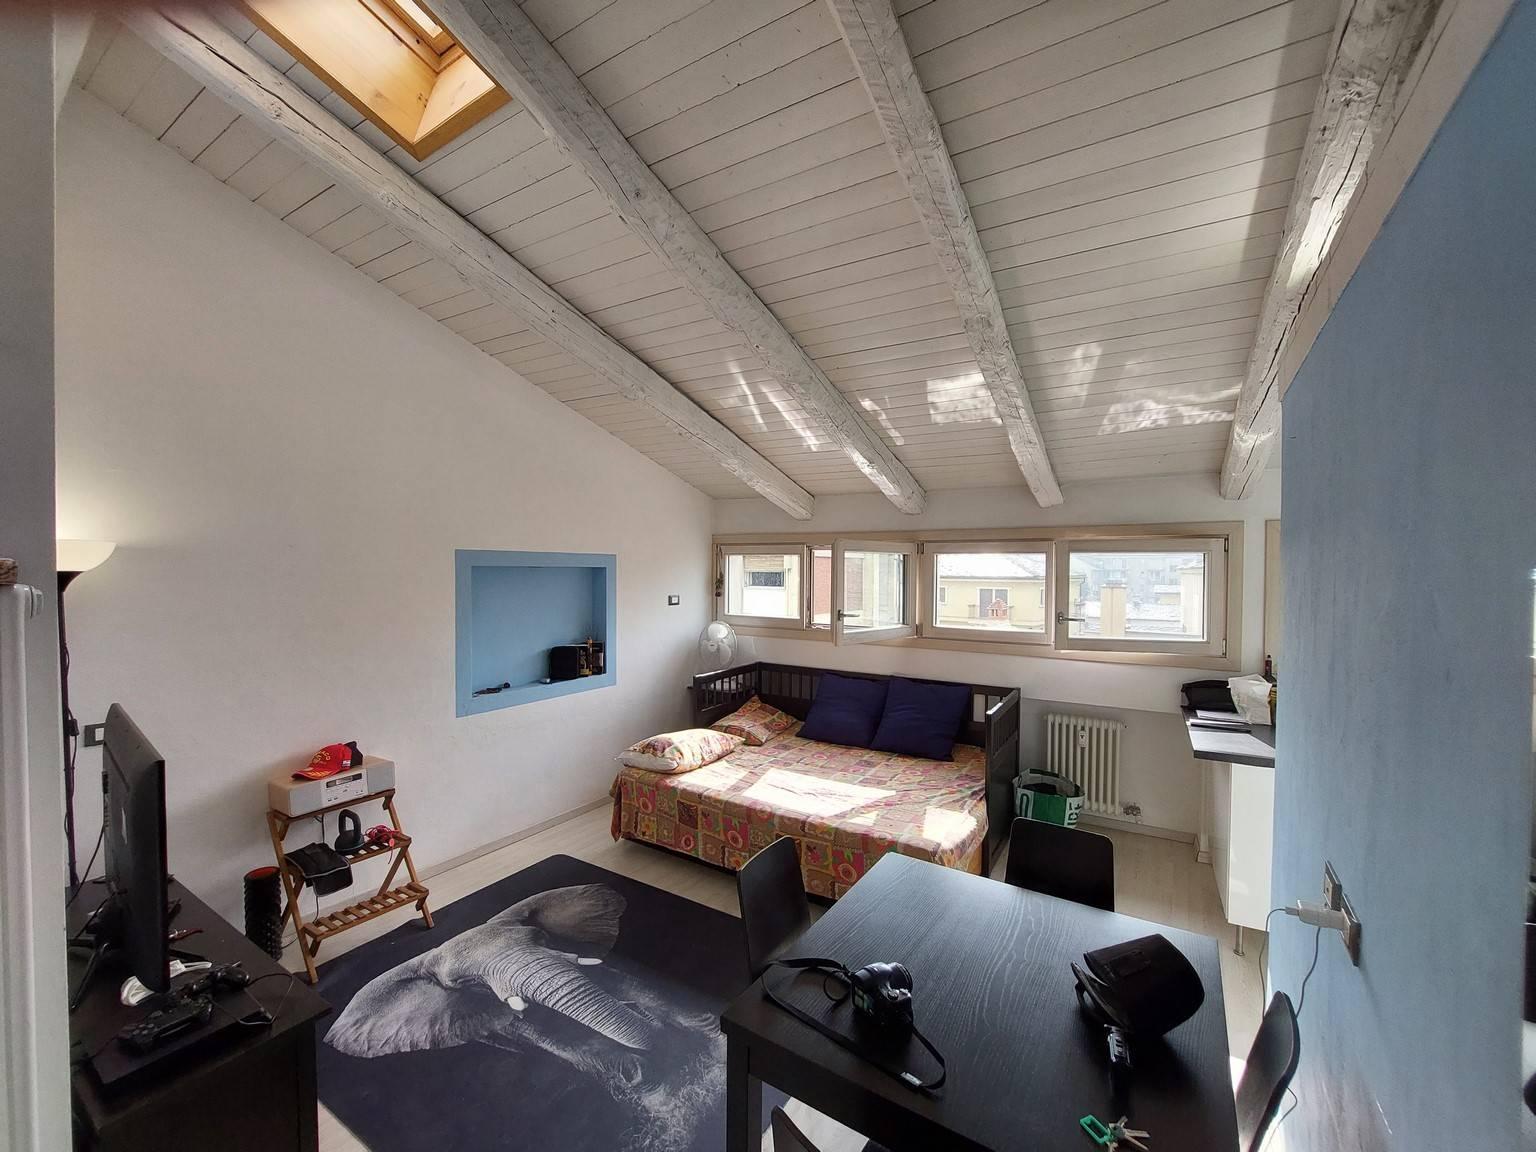 Appartamento in affitto a Aosta, 1 locali, zona Zona: Centro, prezzo € 450 | CambioCasa.it